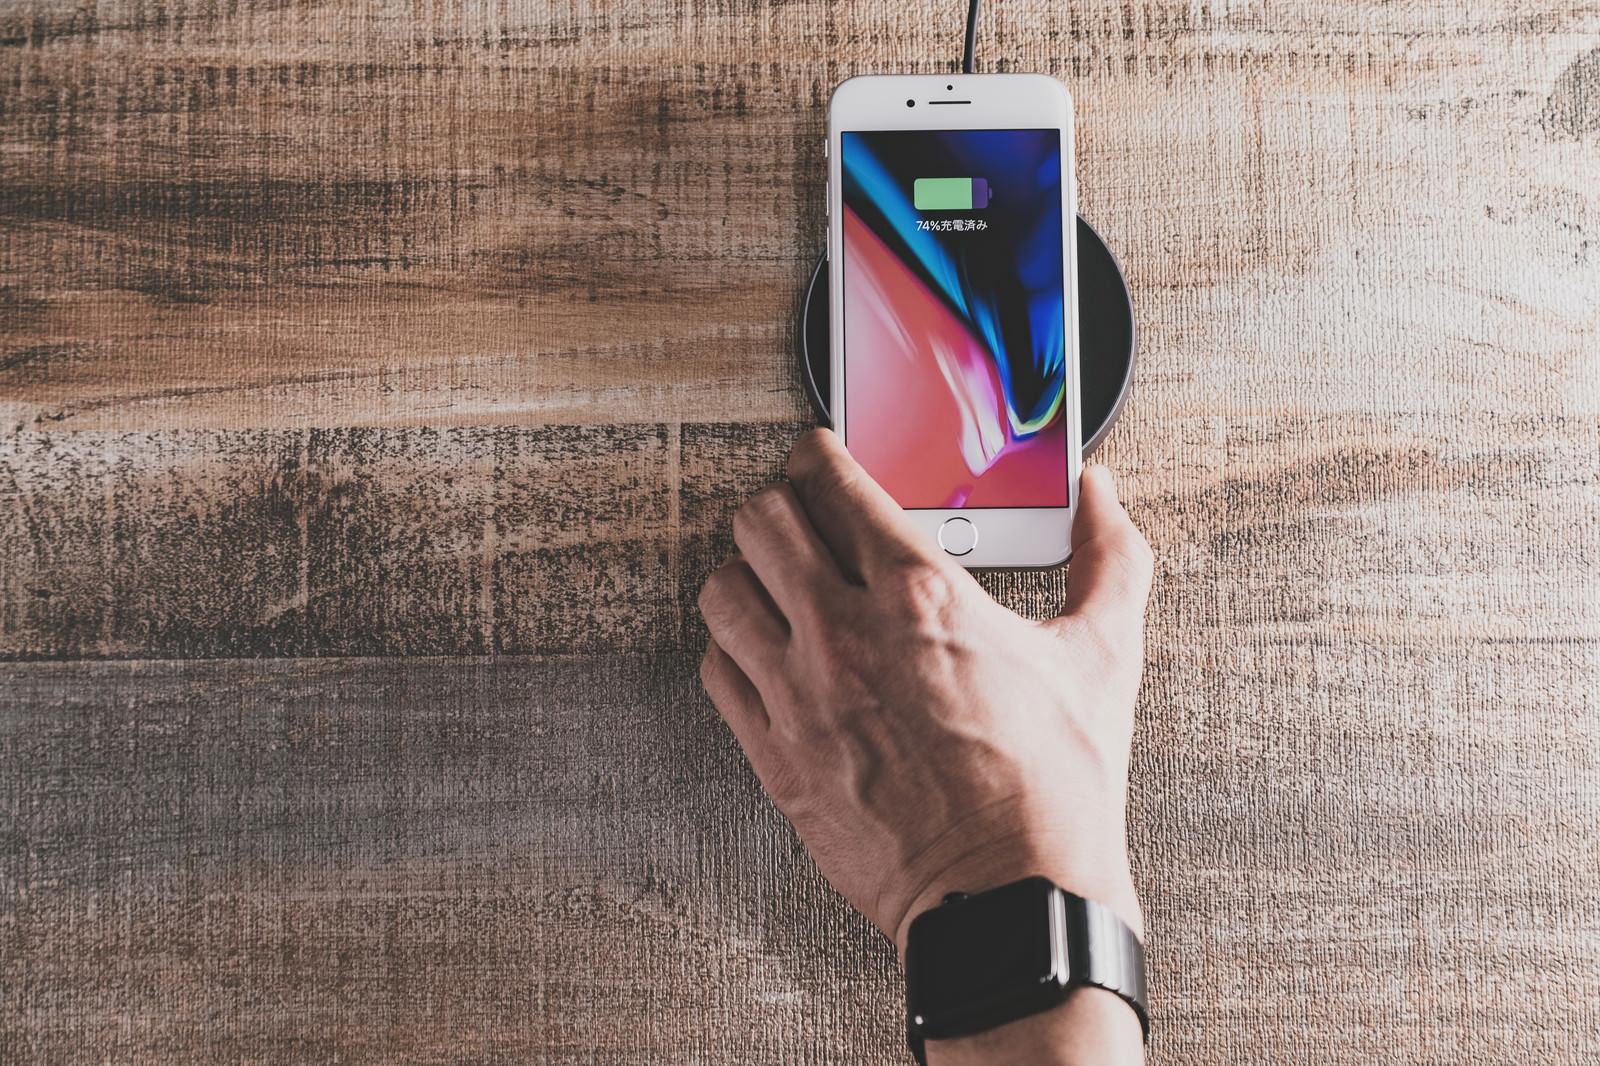 「スマホを置くだけで充電できる便利な時代(ワイヤレス充電)」の写真